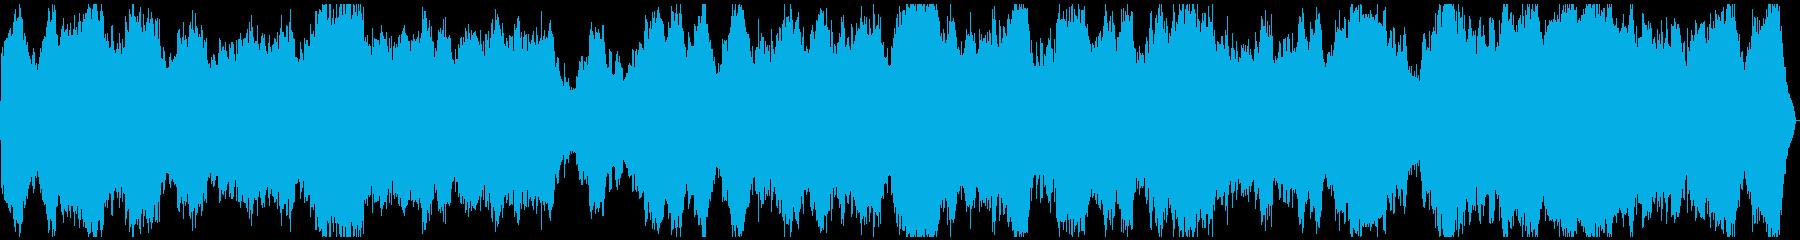 謎めいたシーン用の★アンビエントの再生済みの波形